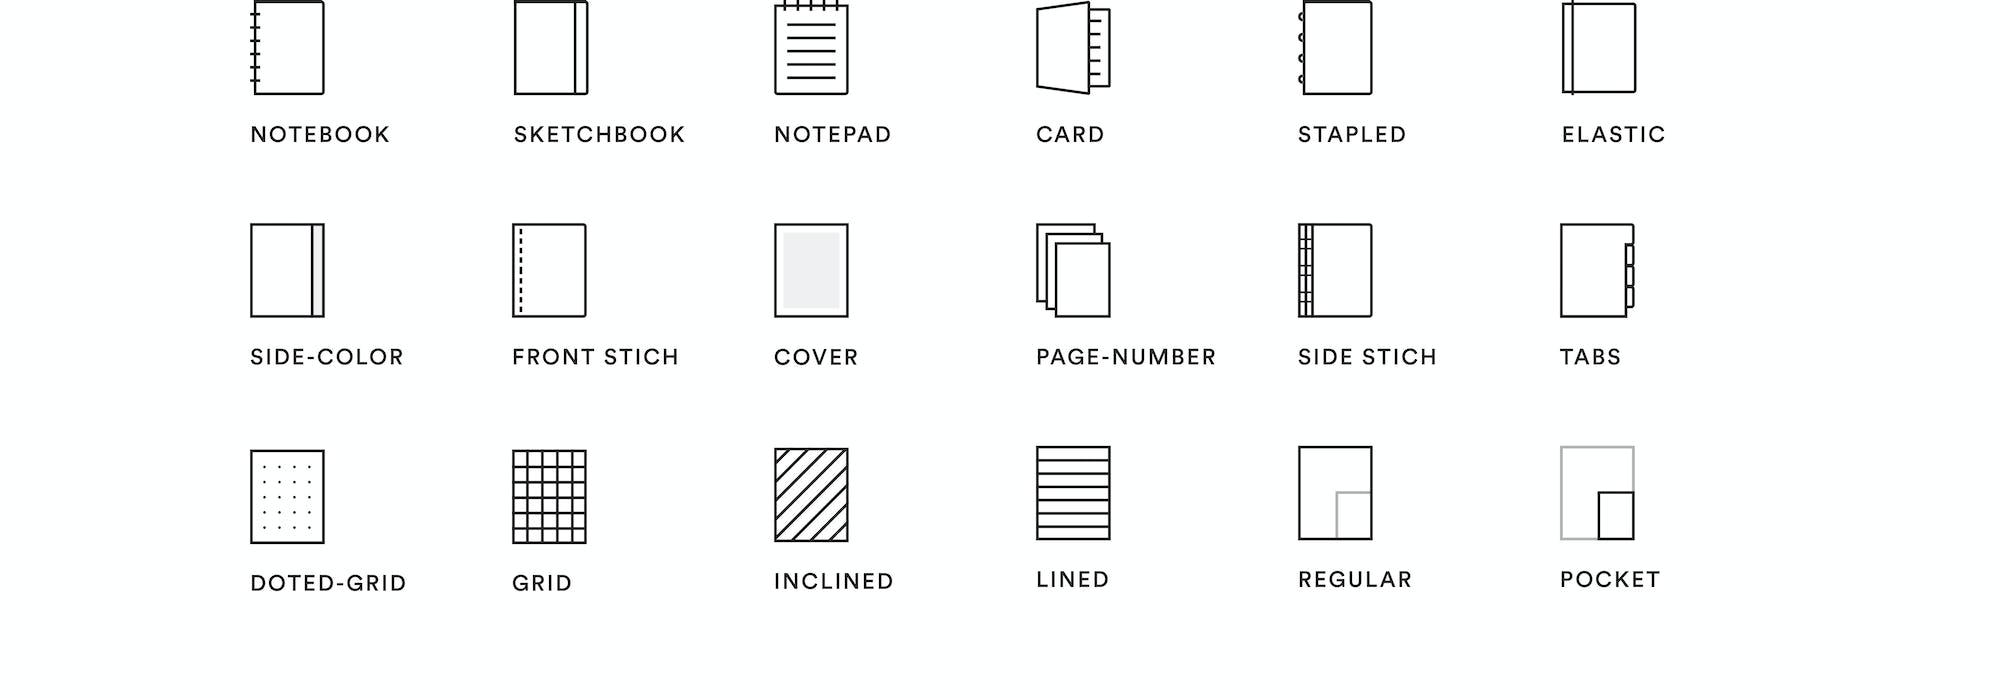 Mishmash Notebook Iconset